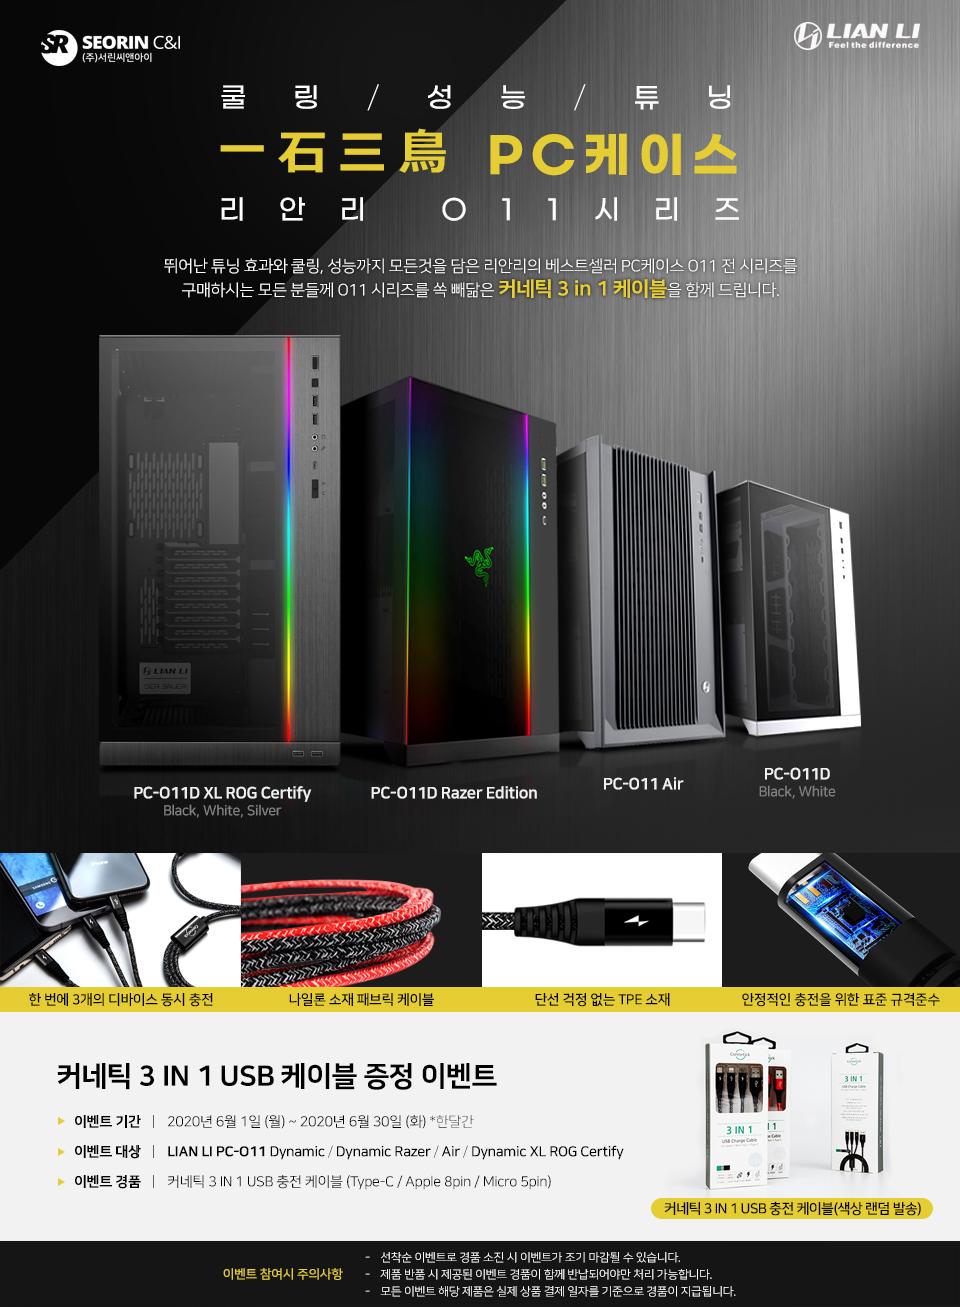 리안리 O11 시리즈 구매자 대상 커네틱 3 in 1 케이블 무상 증정, 일석삼조 이벤트 !!